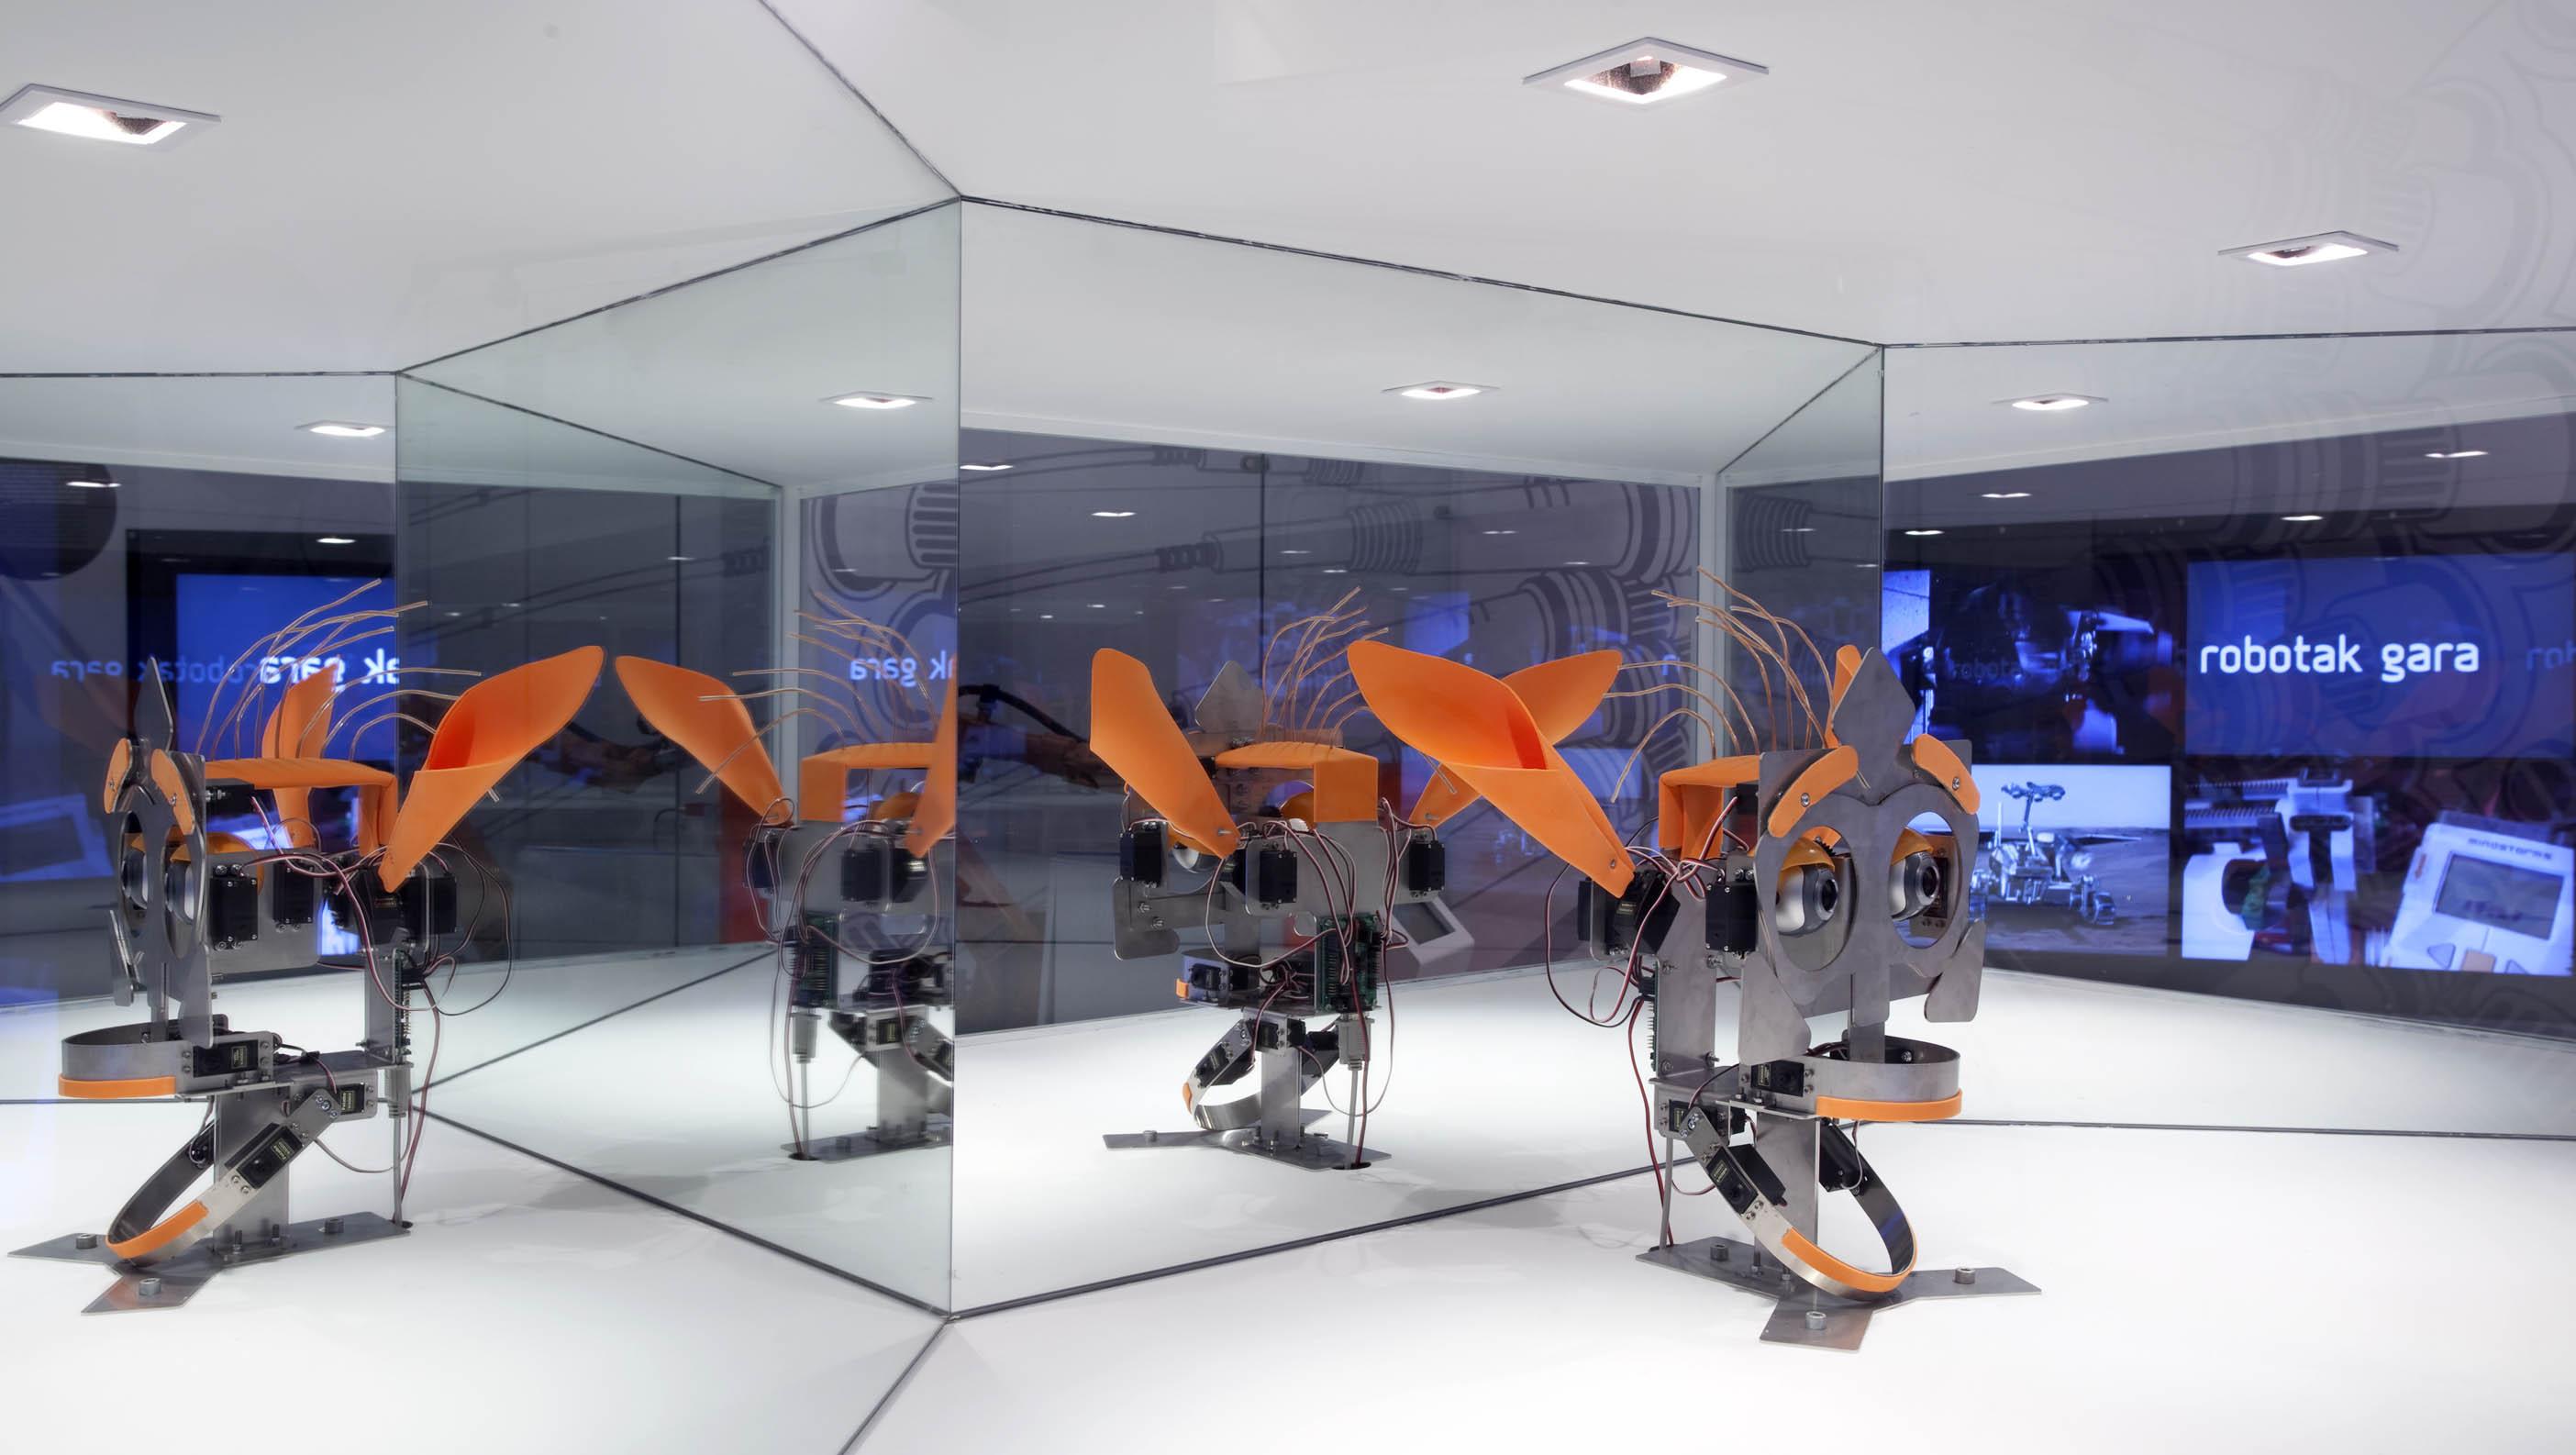 Etxerako moduko robotak